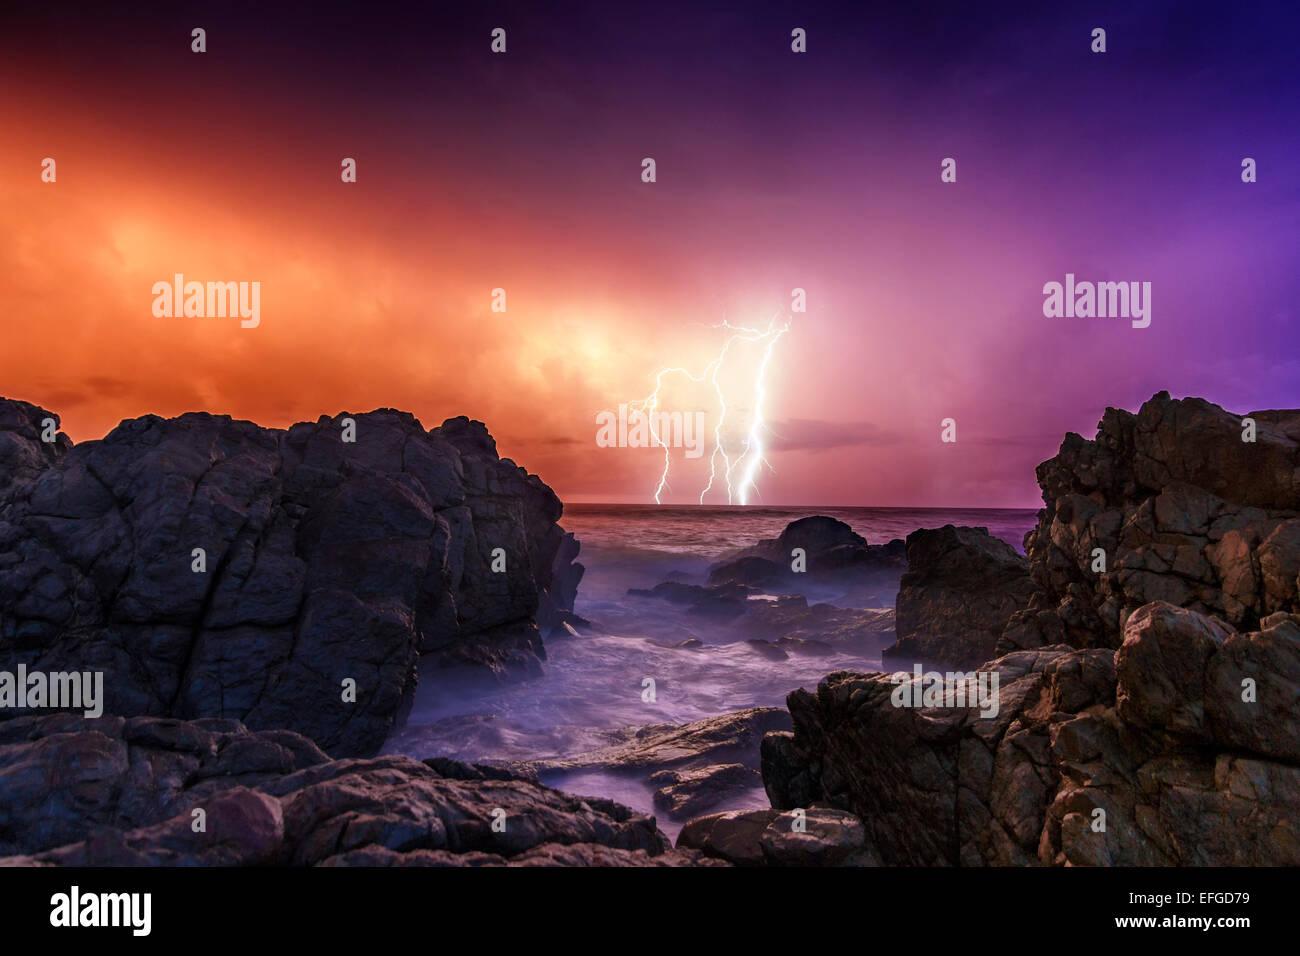 Un meraviglioso nuovo anni Sunrise riempito con le onde del mare e la feroce fulmini. Foto Stock